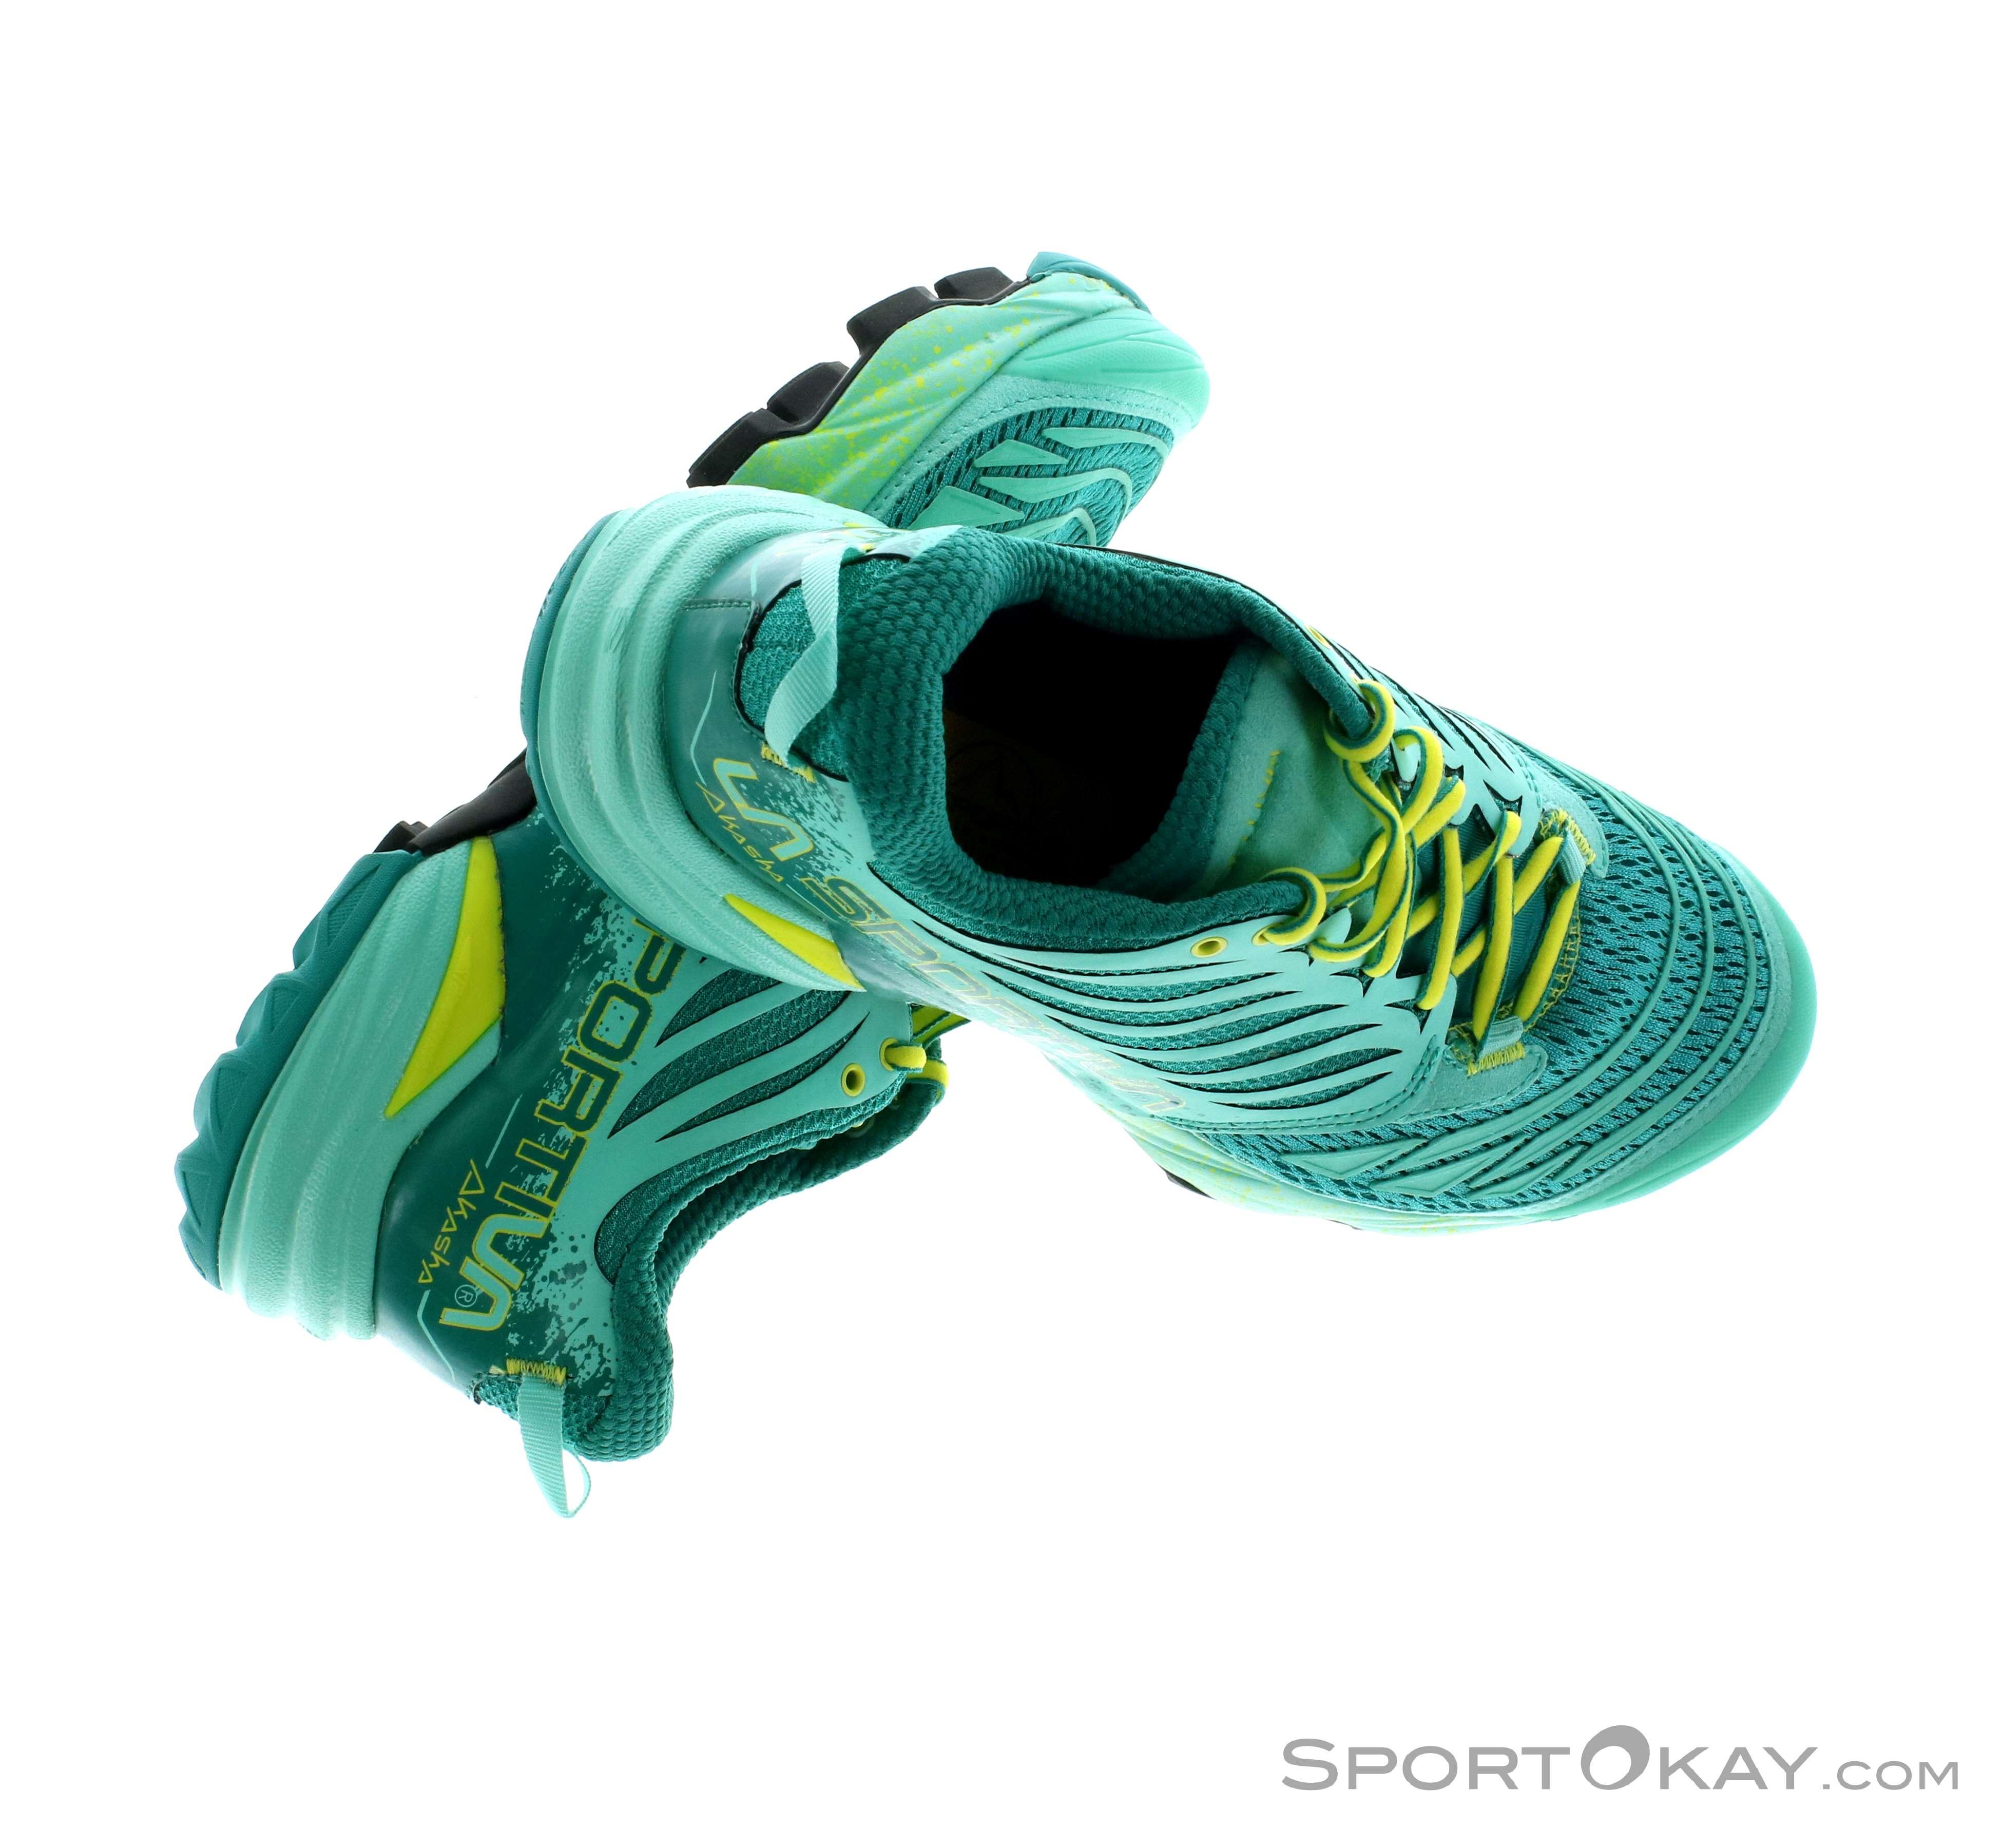 La Sportiva La Sportiva Akasha Damen Traillaufschuhe